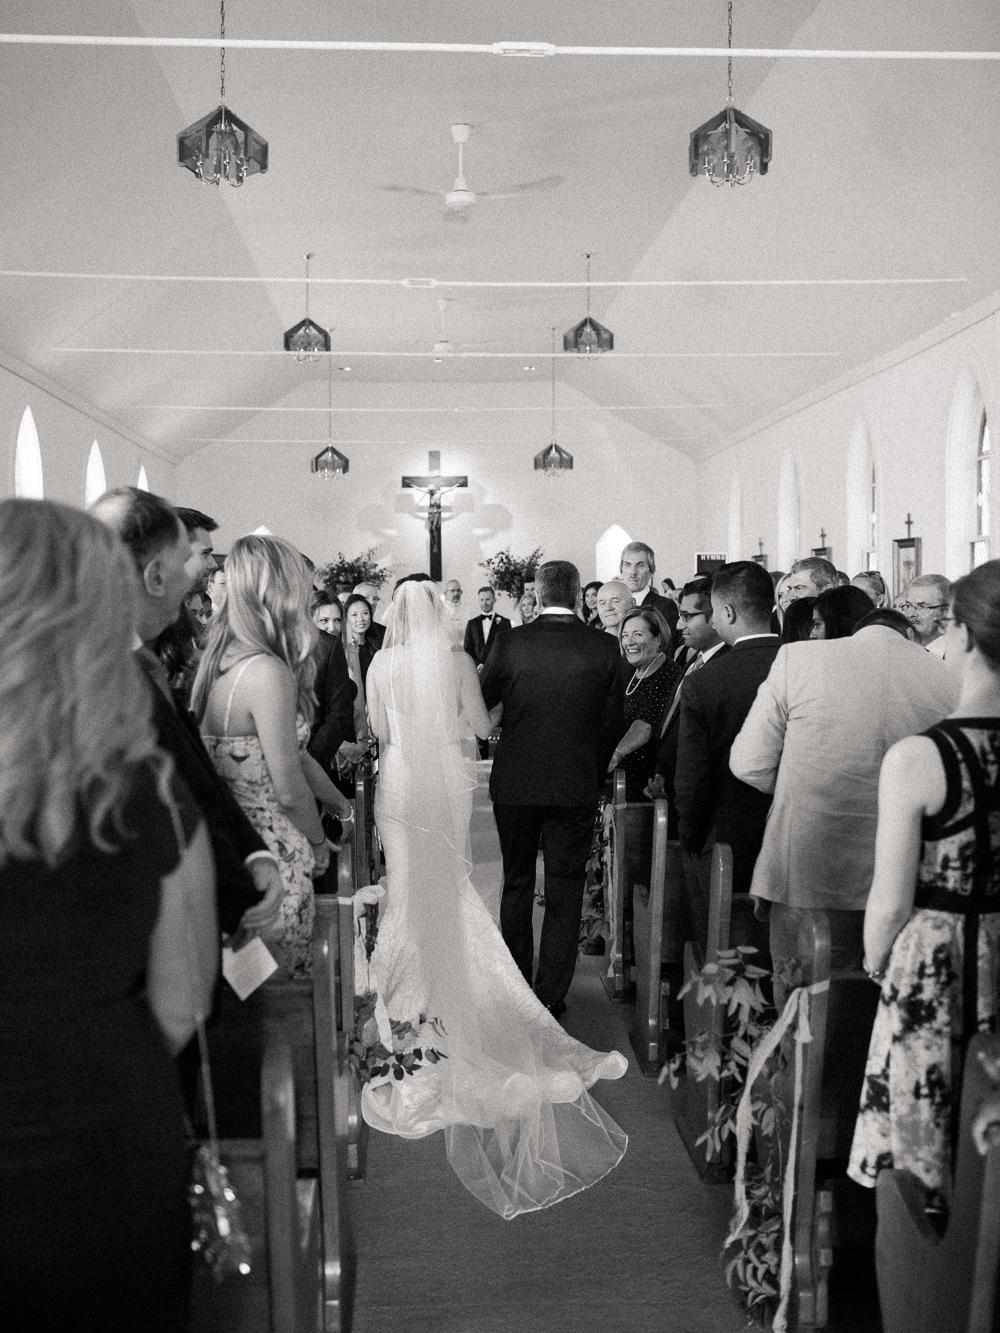 0021-When-He-Found-Her-Muskoka-JW Marriott-The Rosseau-shea-events-sweet-woodruff-canadian-resort-wedding.jpg